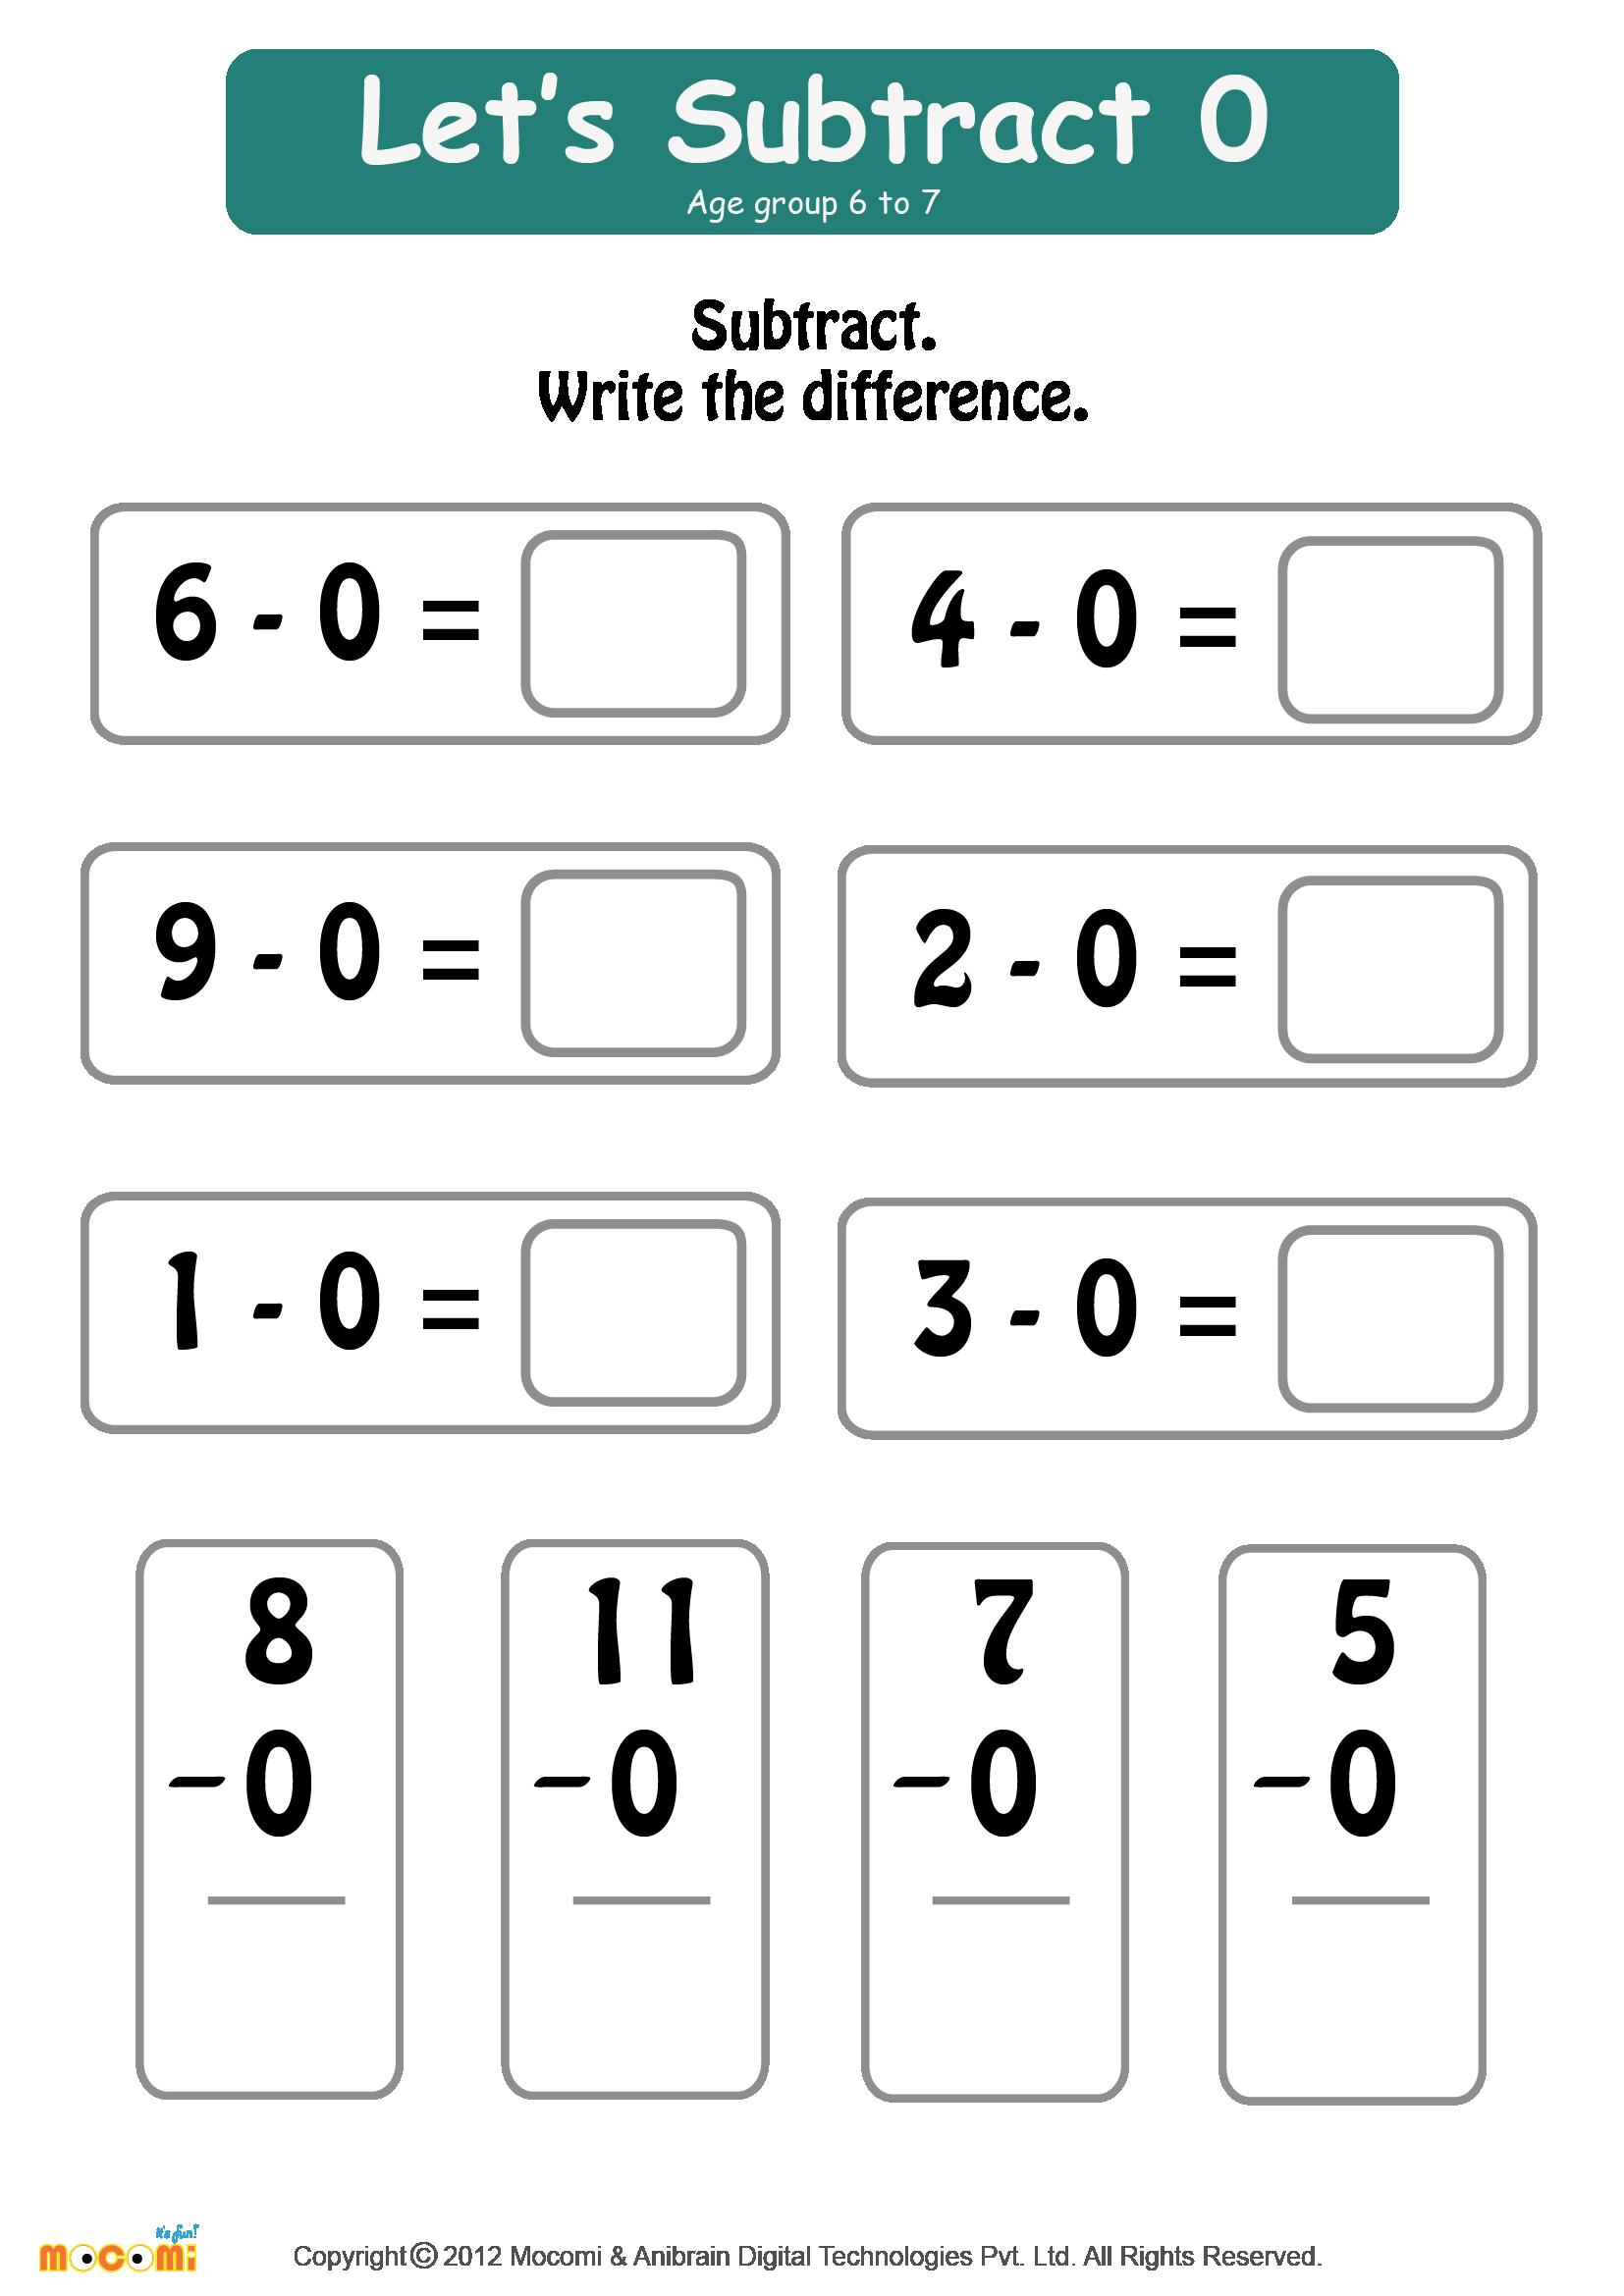 Subtract Zero Worksheet